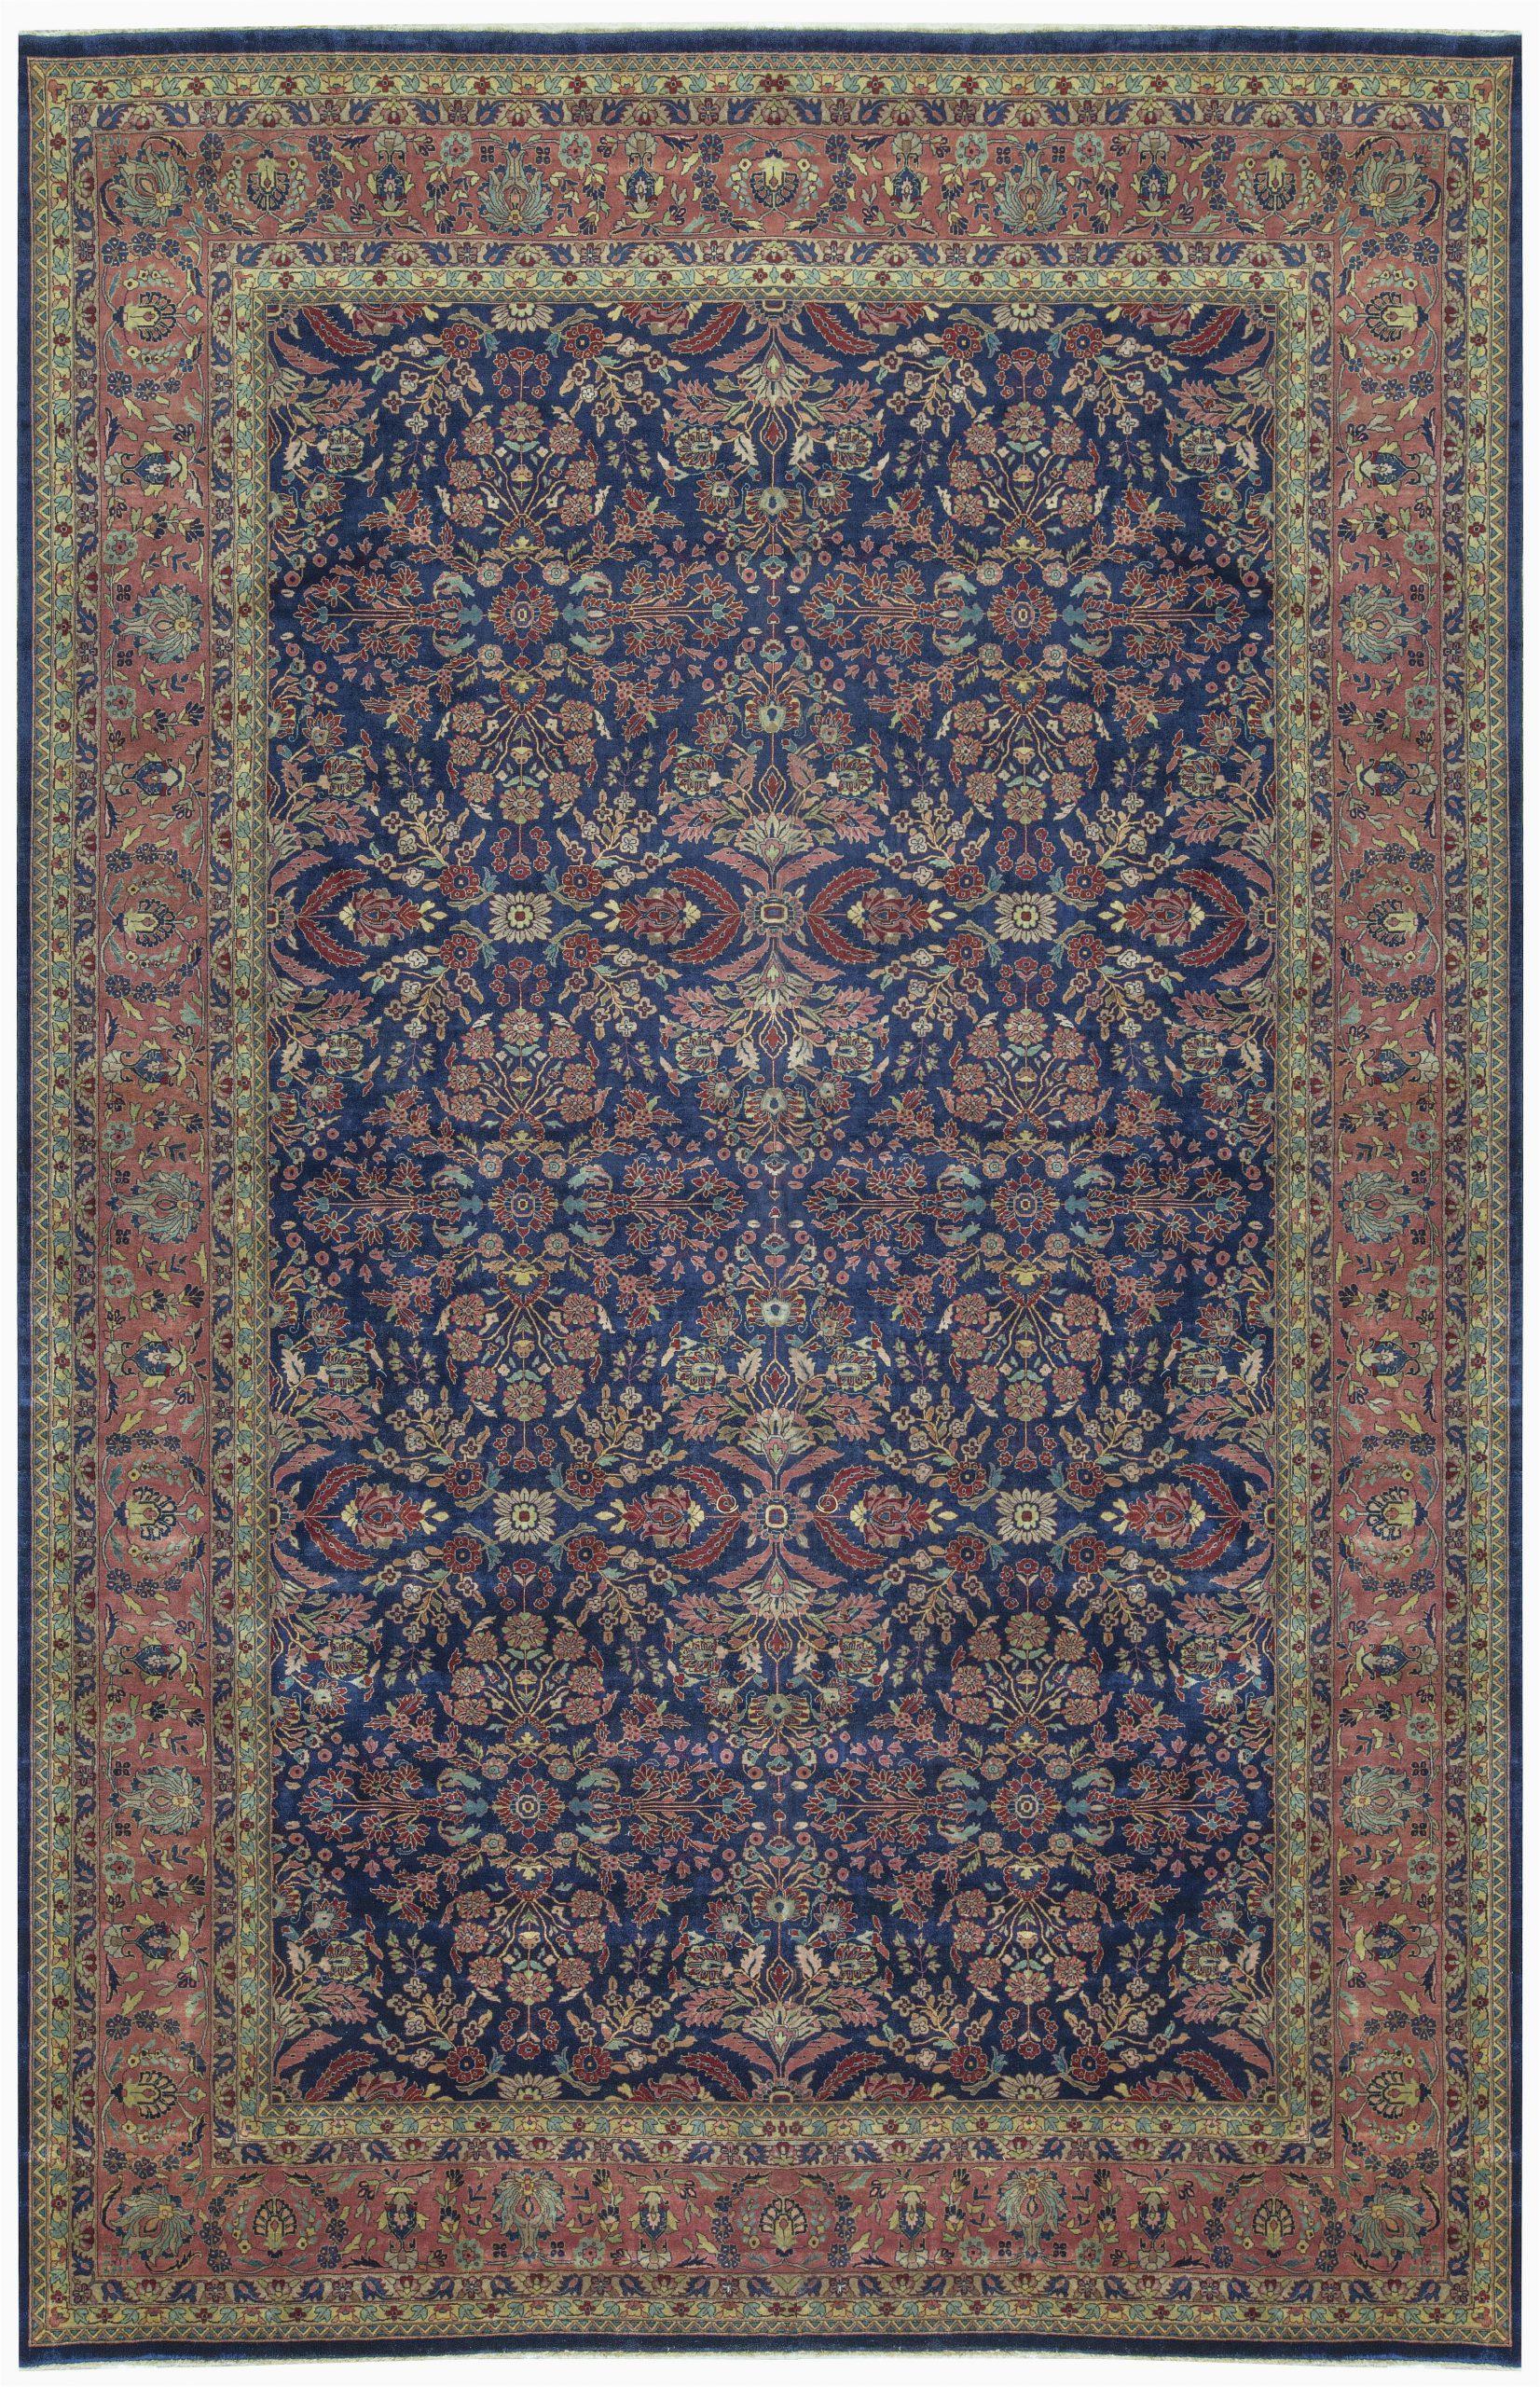 bokara rug co inc one of a kind mahajaran handwoven 12 x 186 wool purpleblue area rug abhd2706